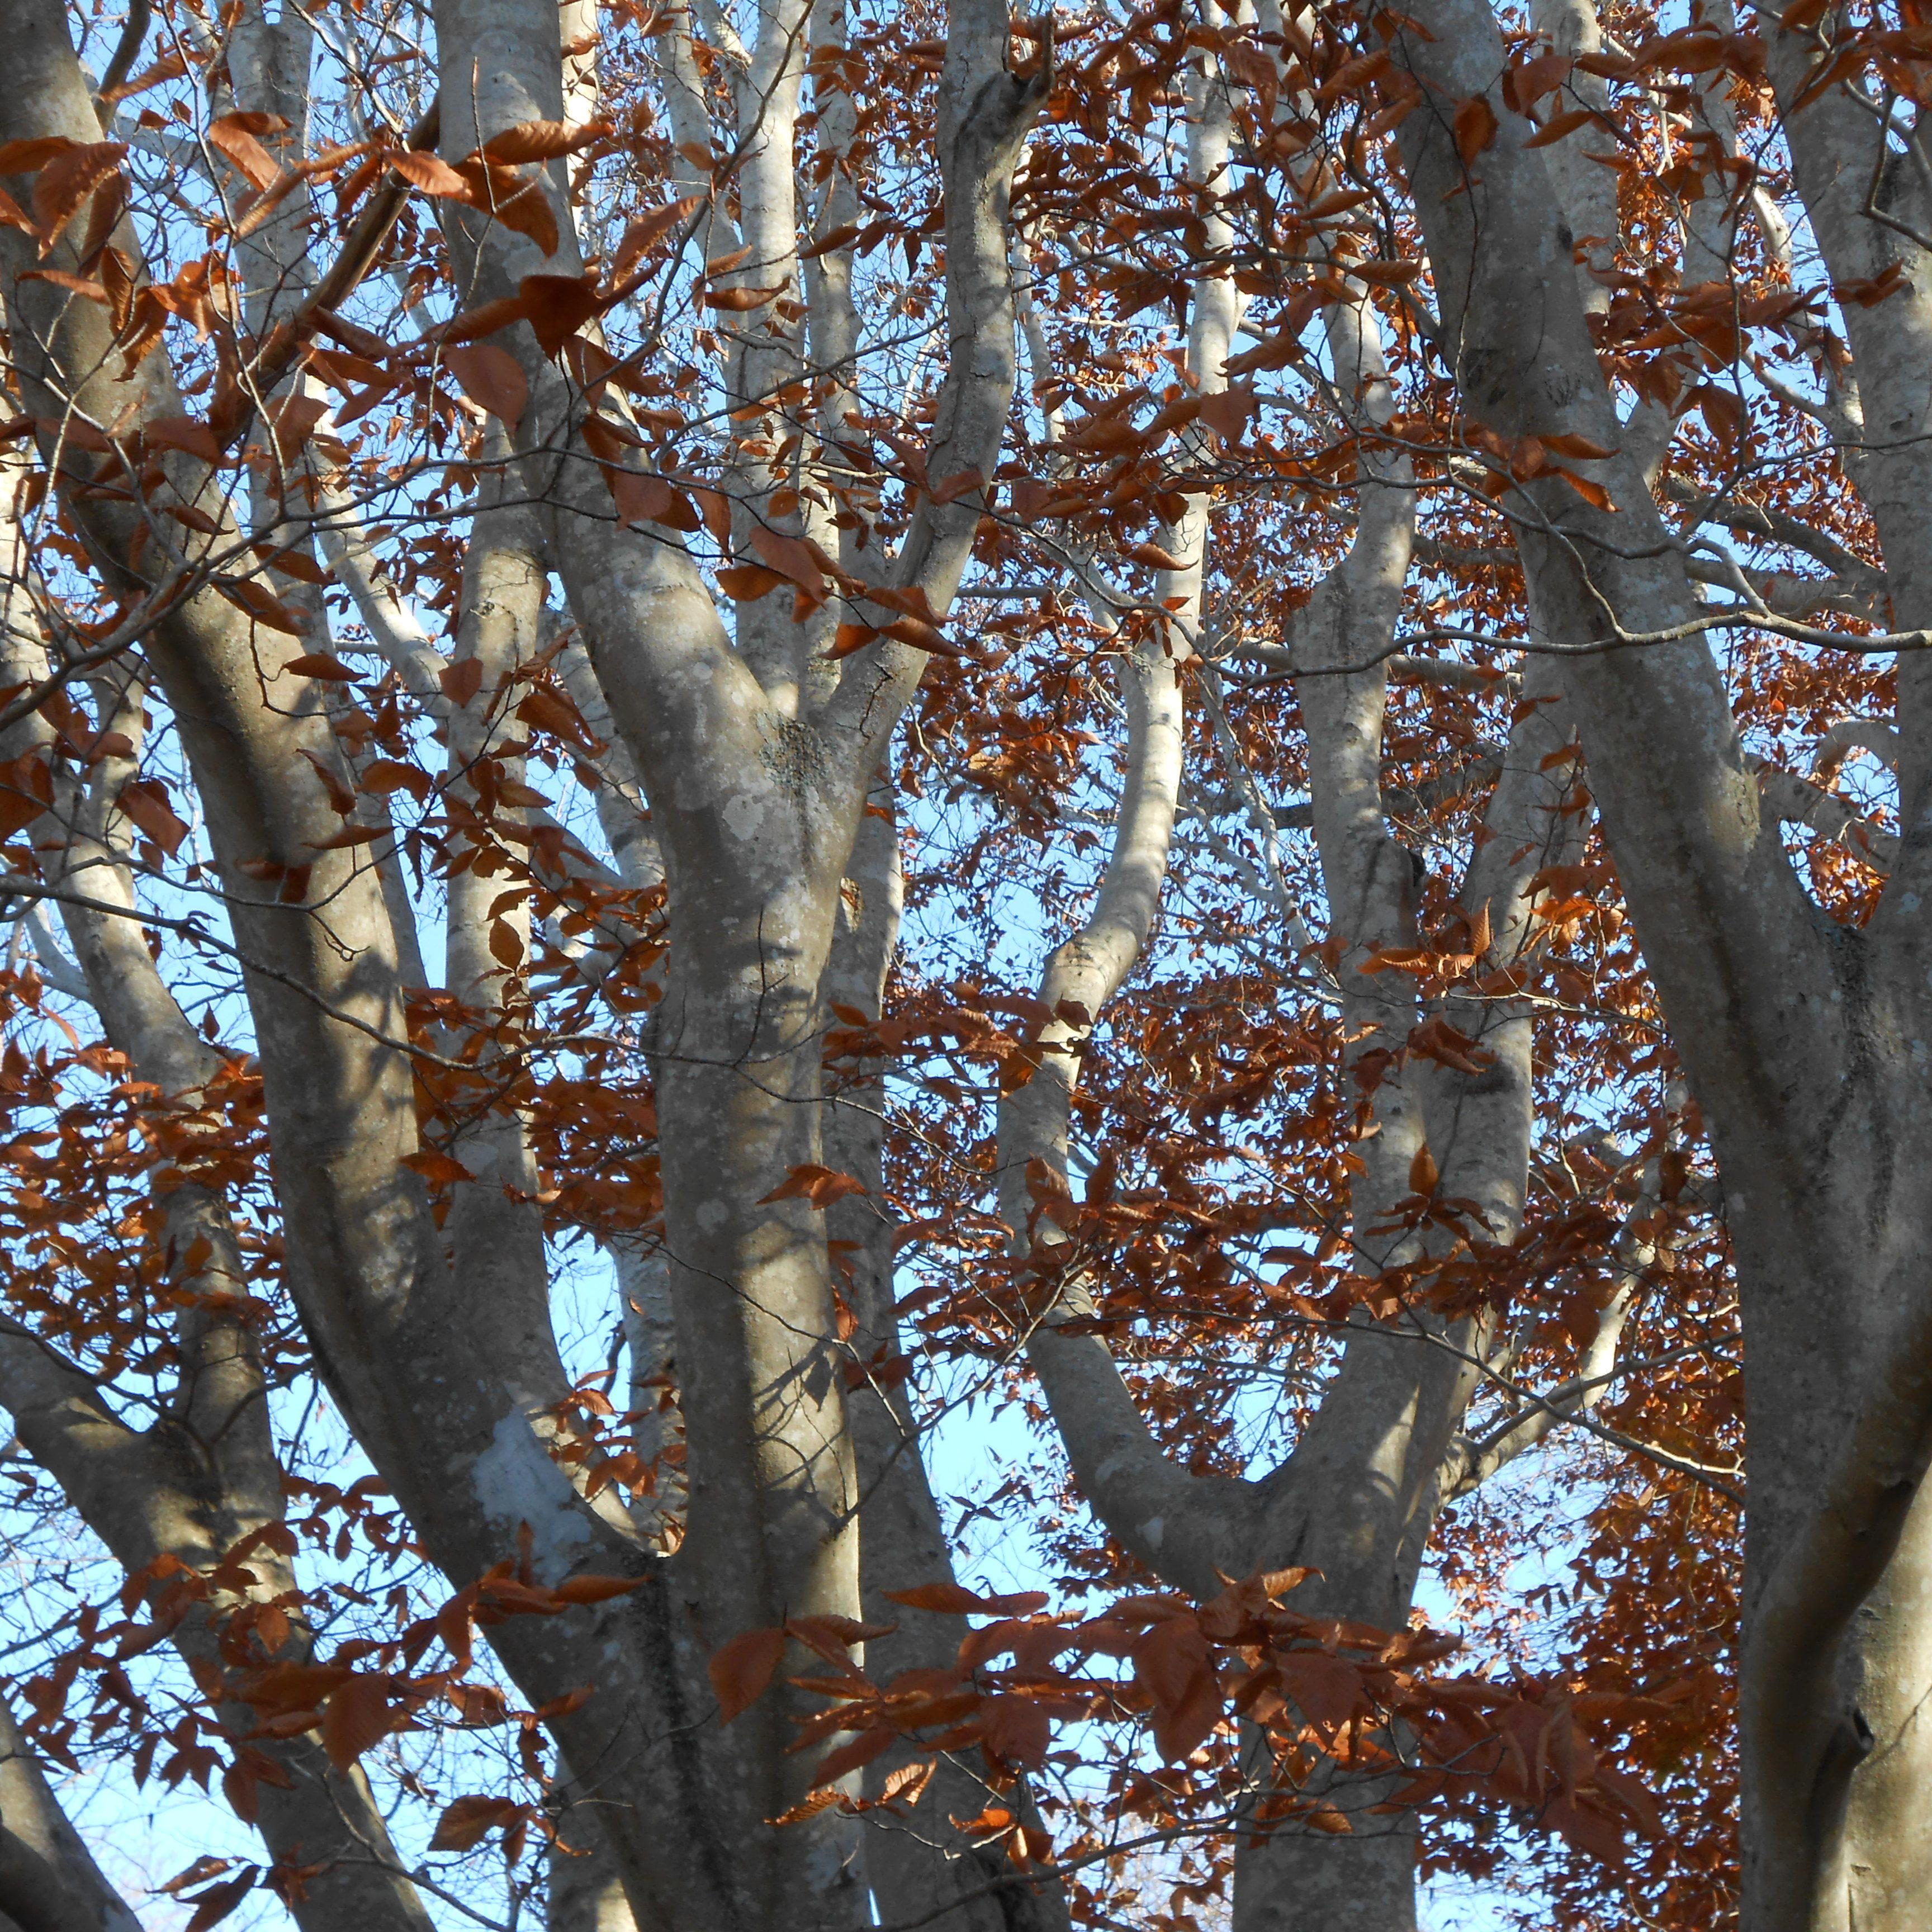 American beech <em> (Fagus grandifolia) </em>